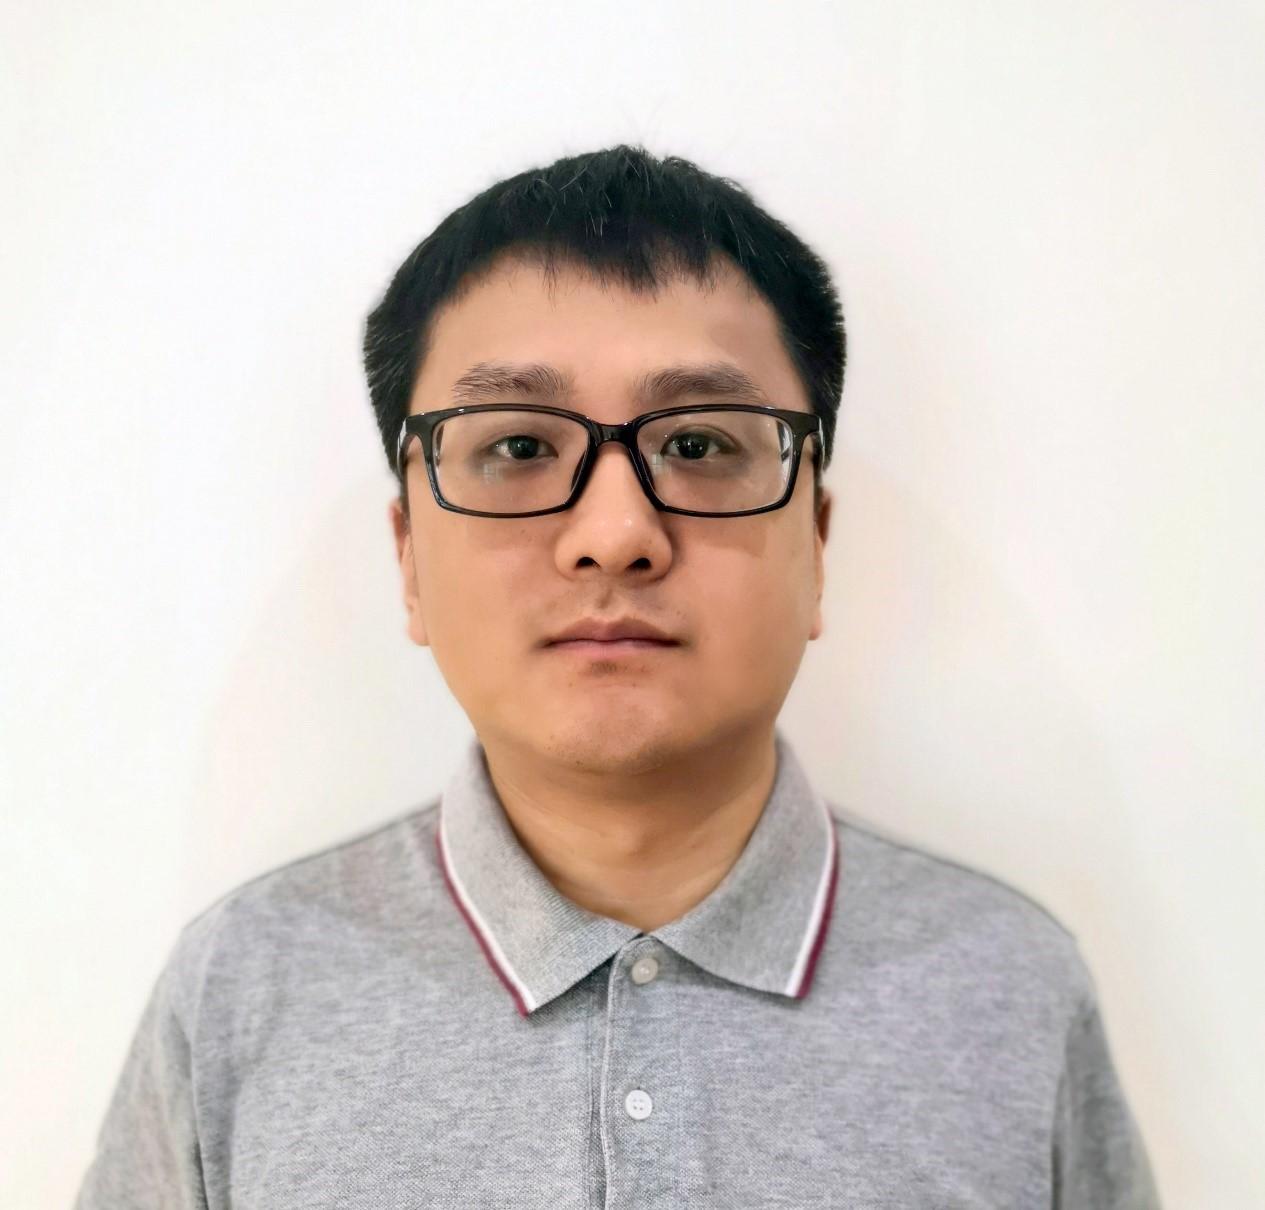 闫涛,毕业于南京师范大学物理学专业,在电镜行业主动减振领域从业12年,已为国内众多电镜用户制定出行之有效的振动解决方案。目前担任上海仪墨科技有限公司总经理一职,从事韩国DAEIL减振台在国内的销售与推广。